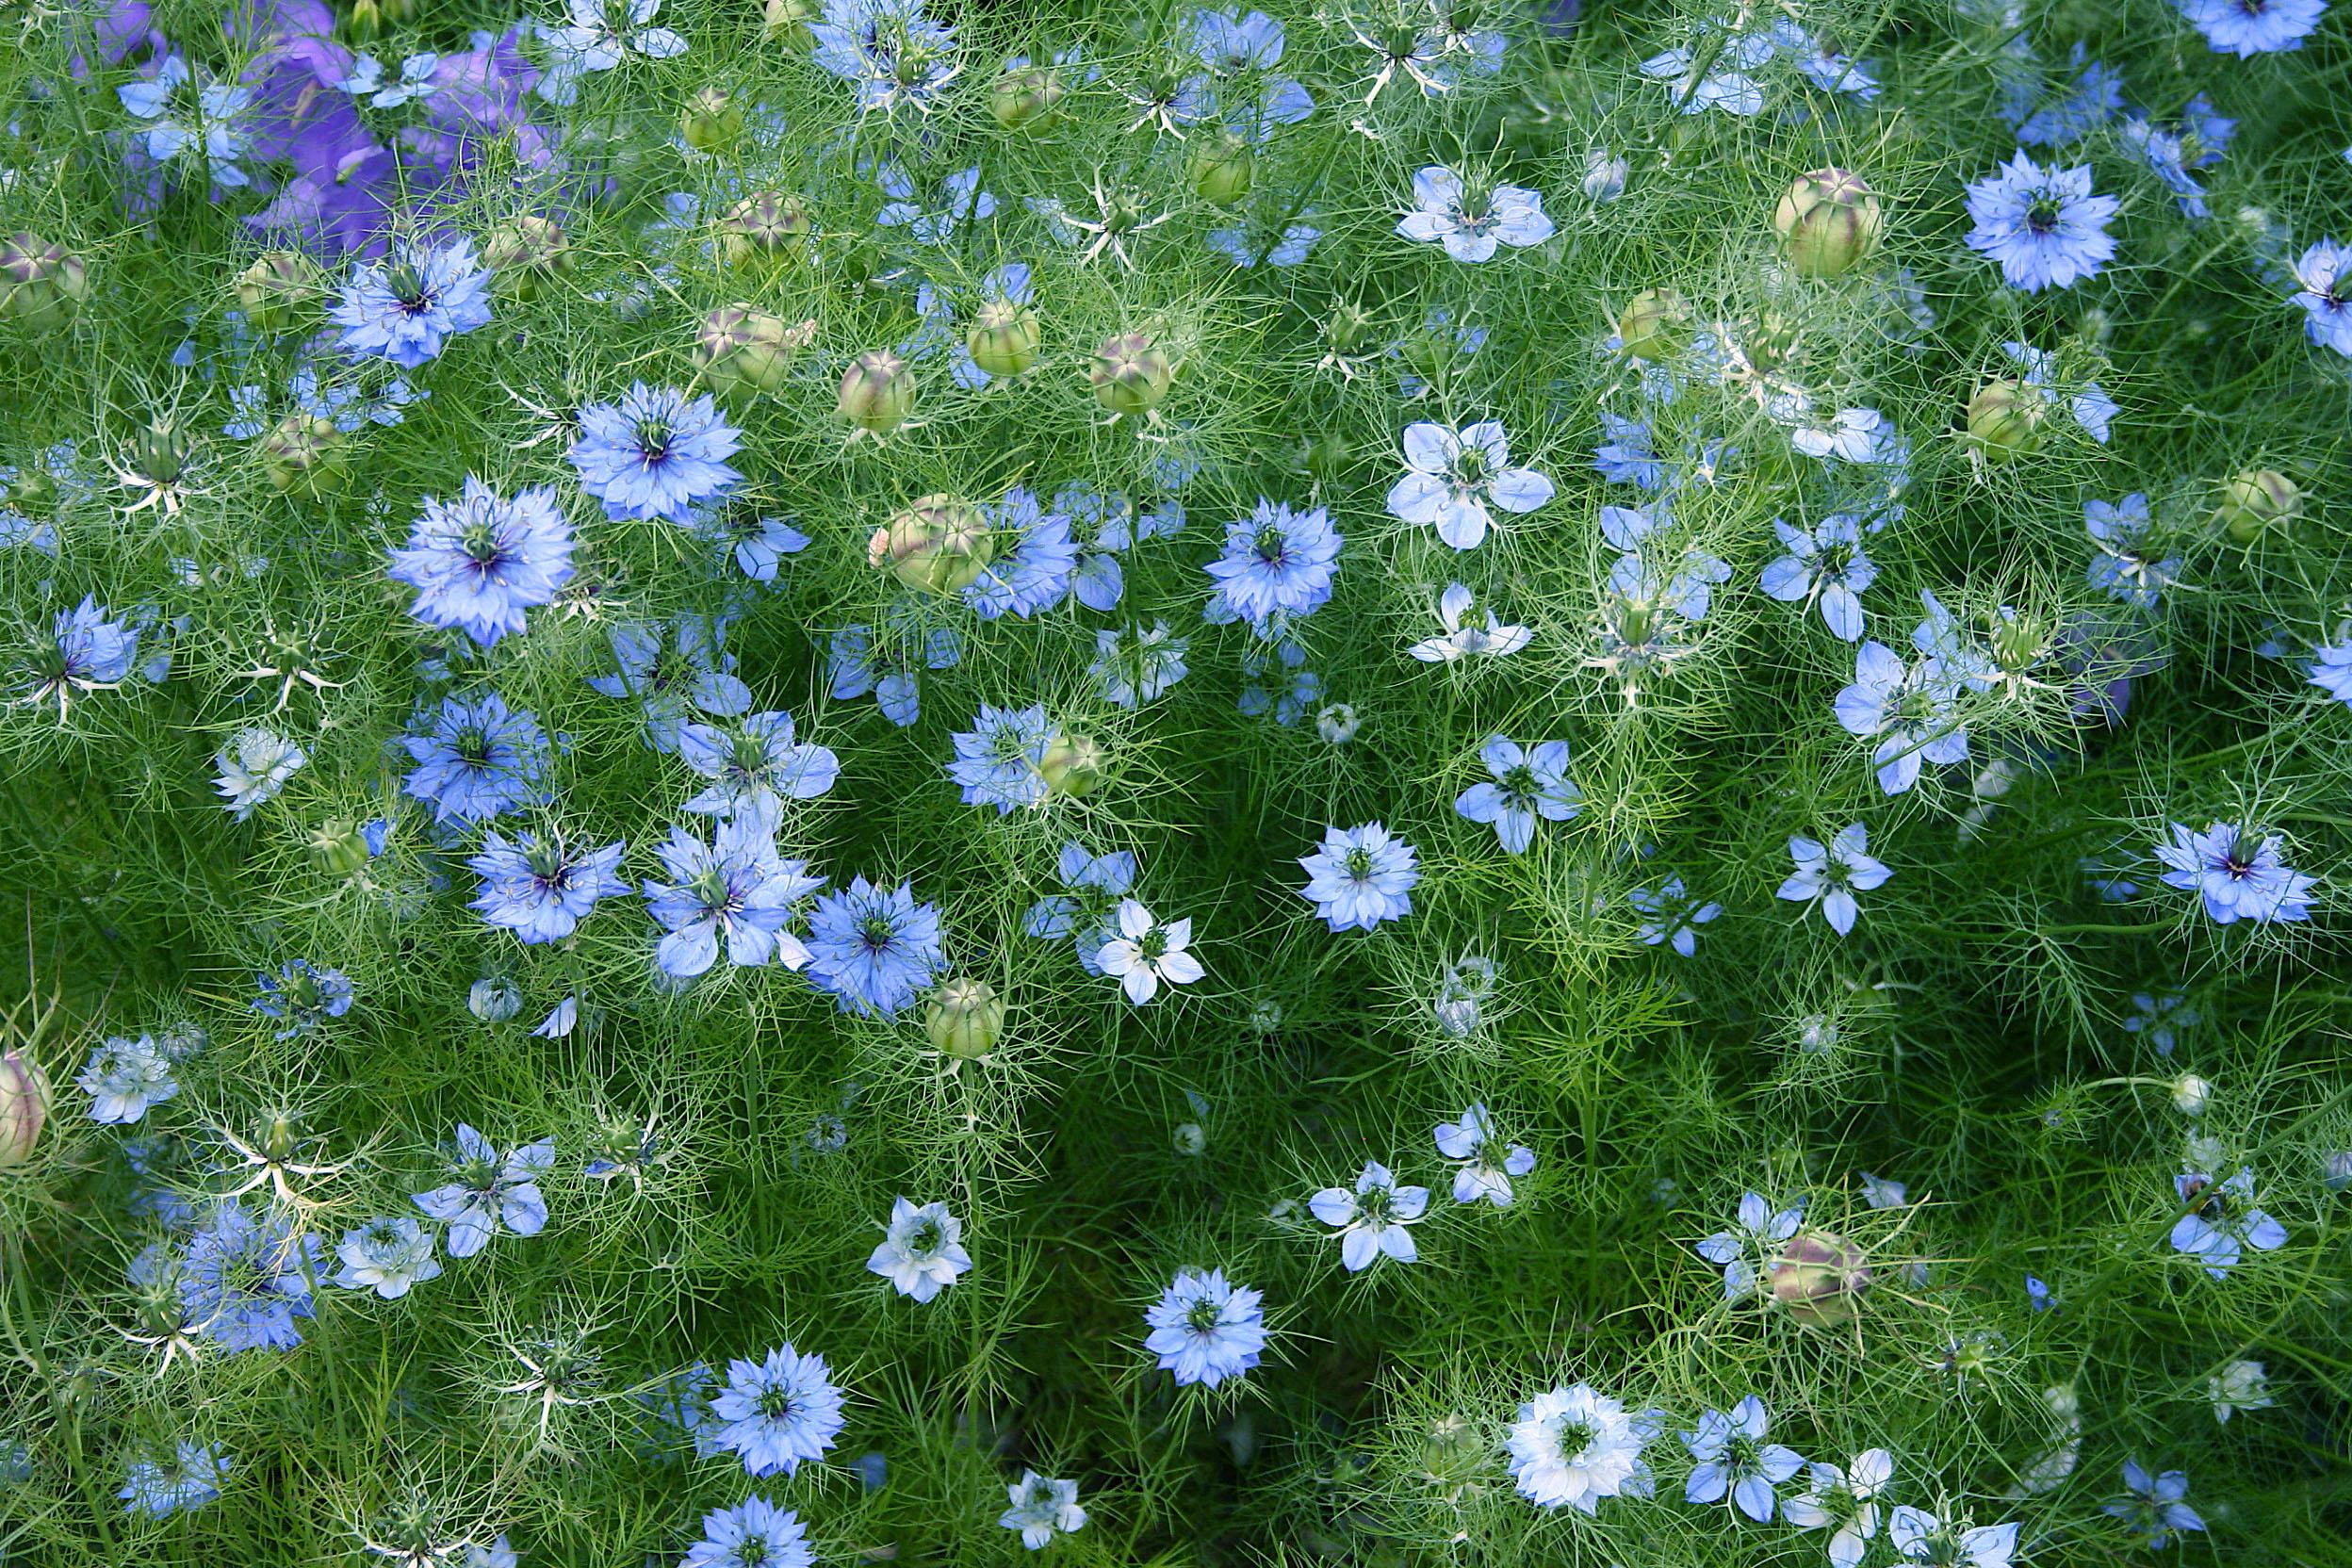 Gėlės Juodgrūdės